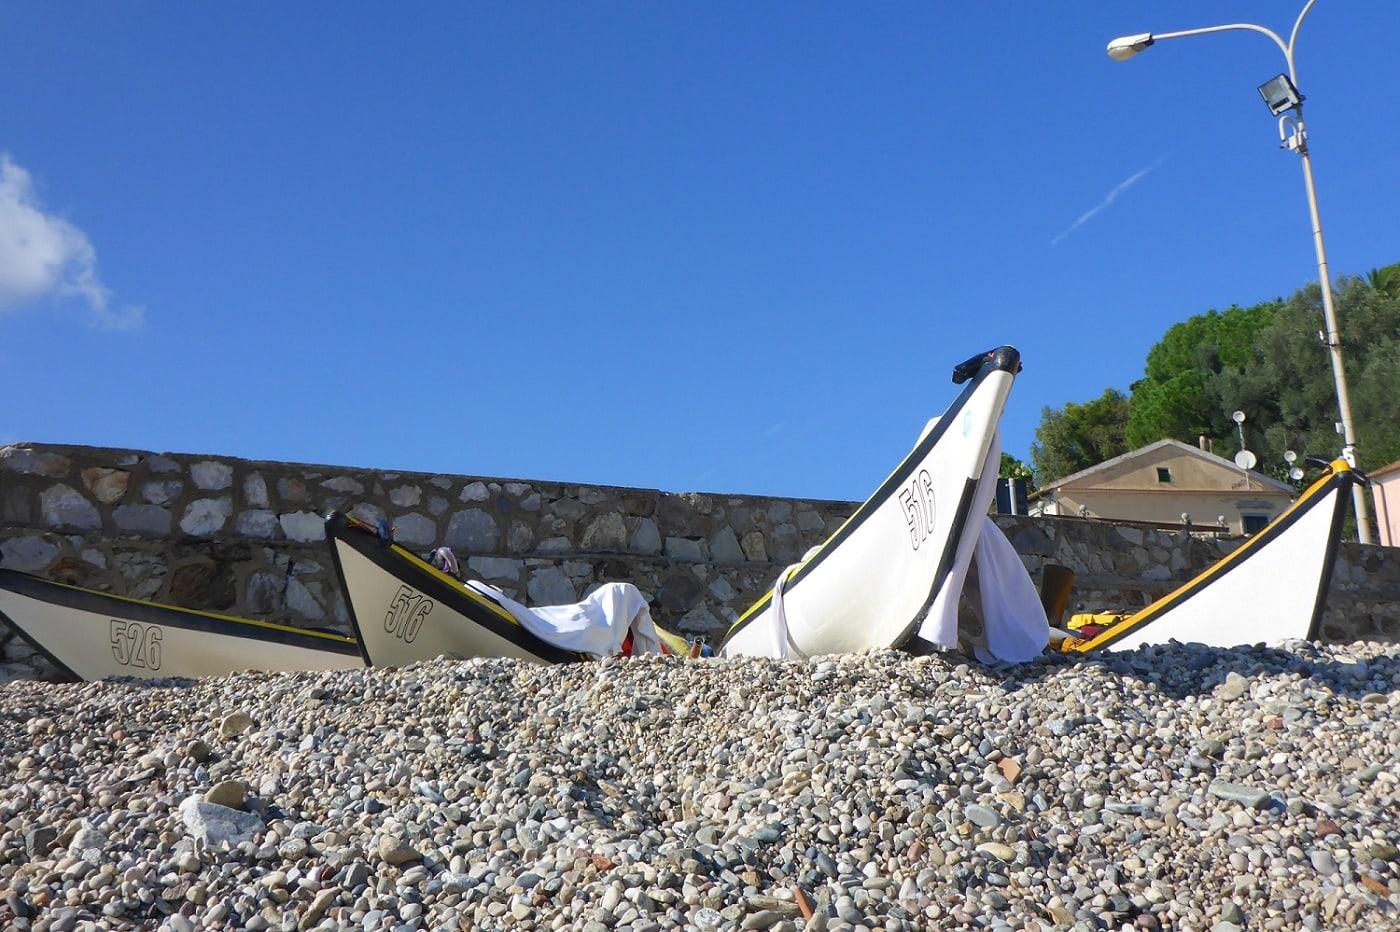 Seekajaks am Strand von Porto Azzurro